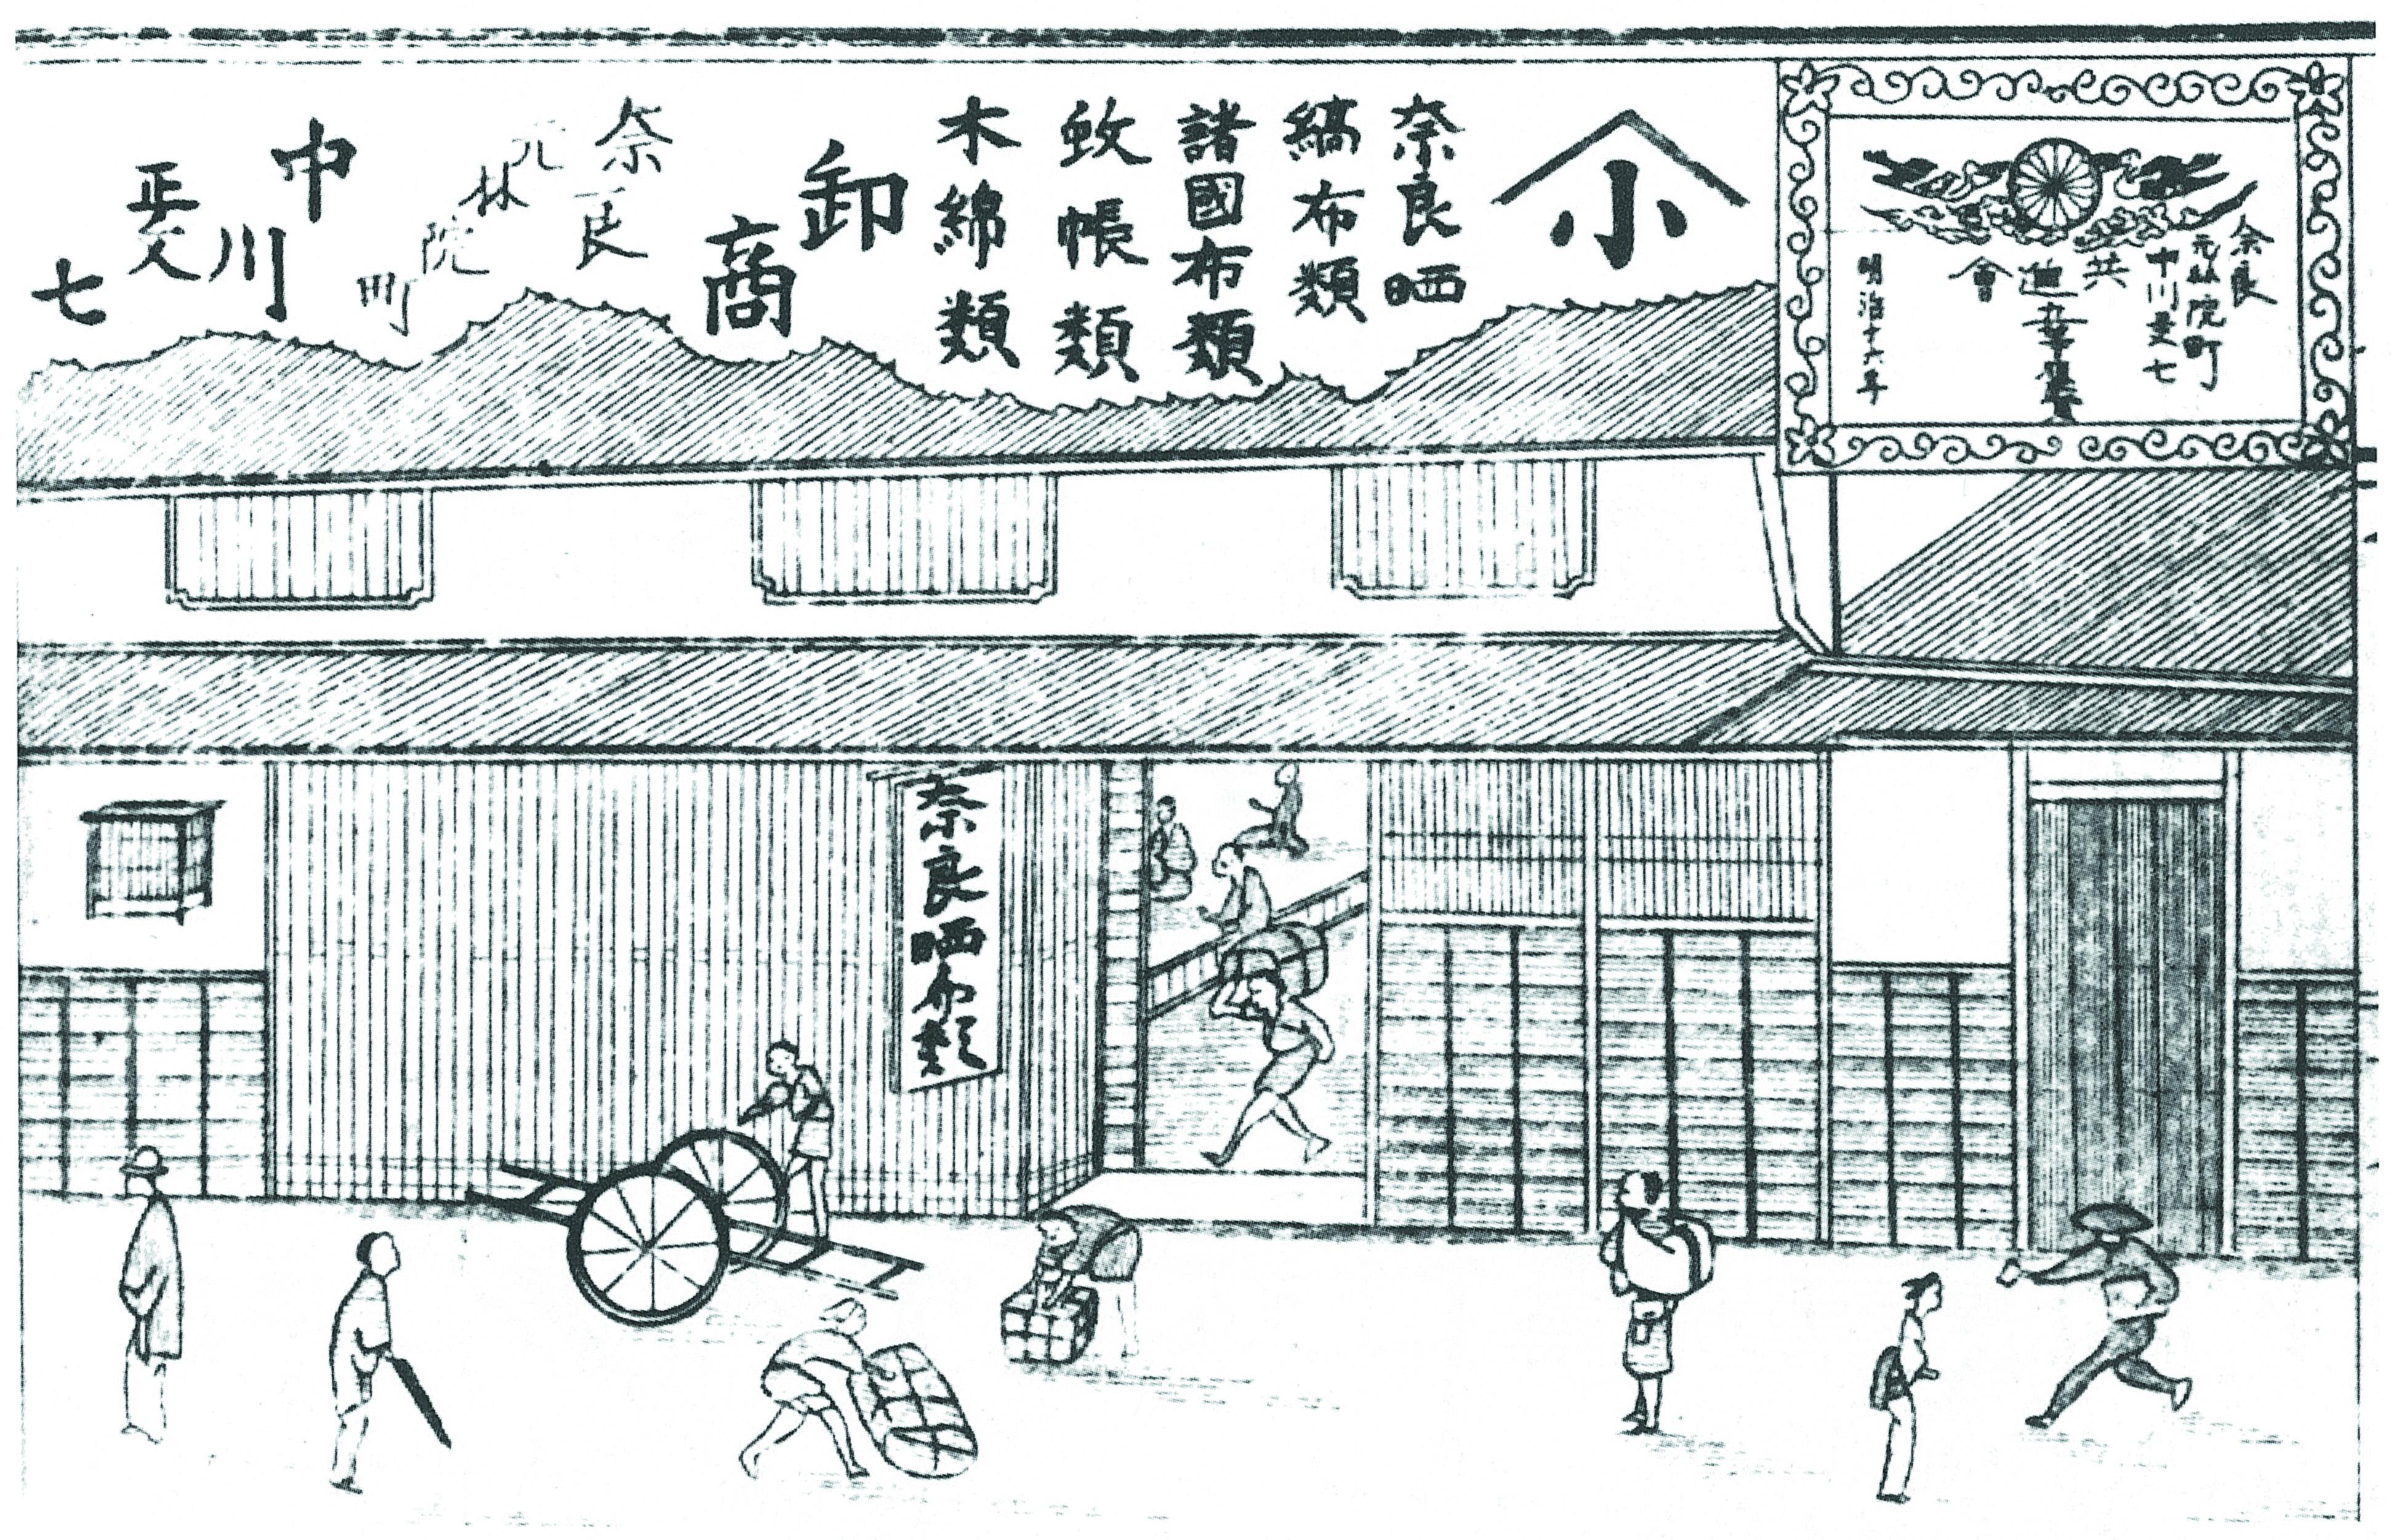 江戸時代の店先の様子